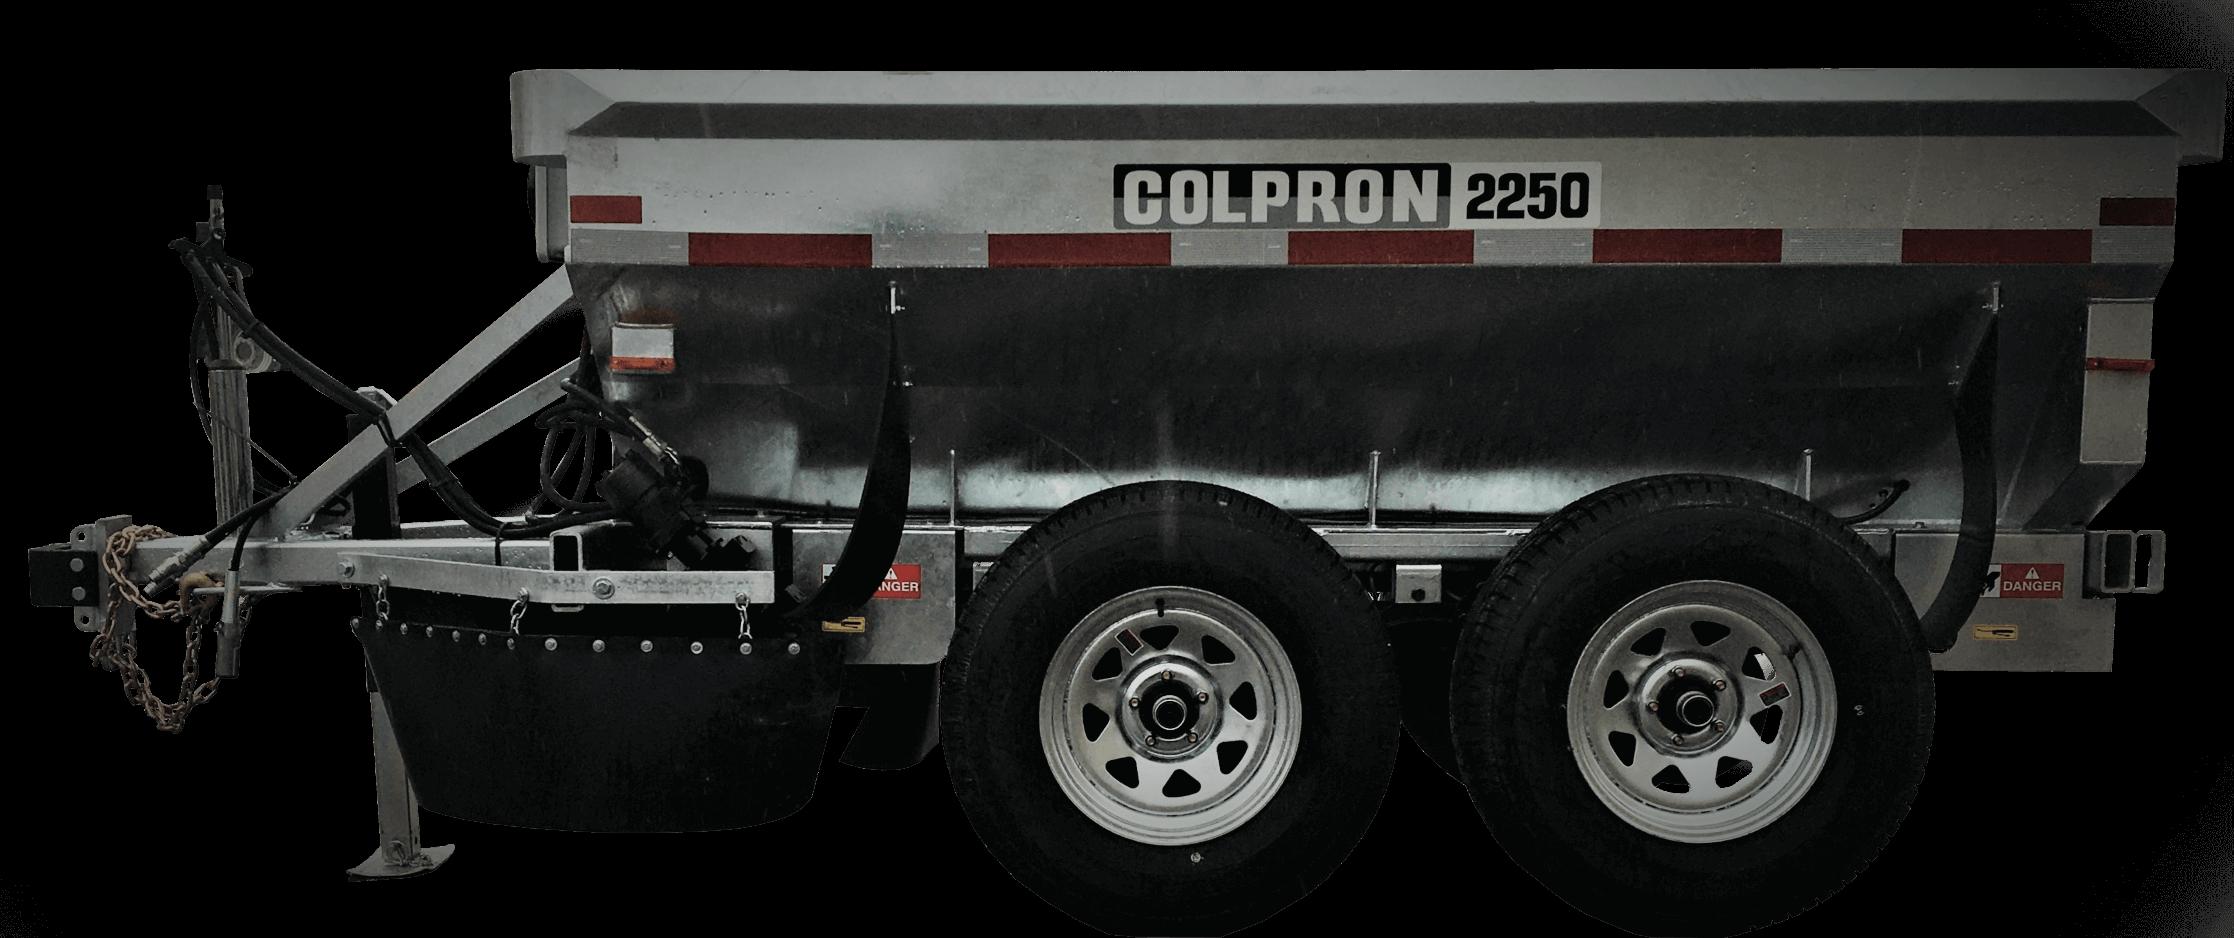 Salt spreader - Colpron 2250